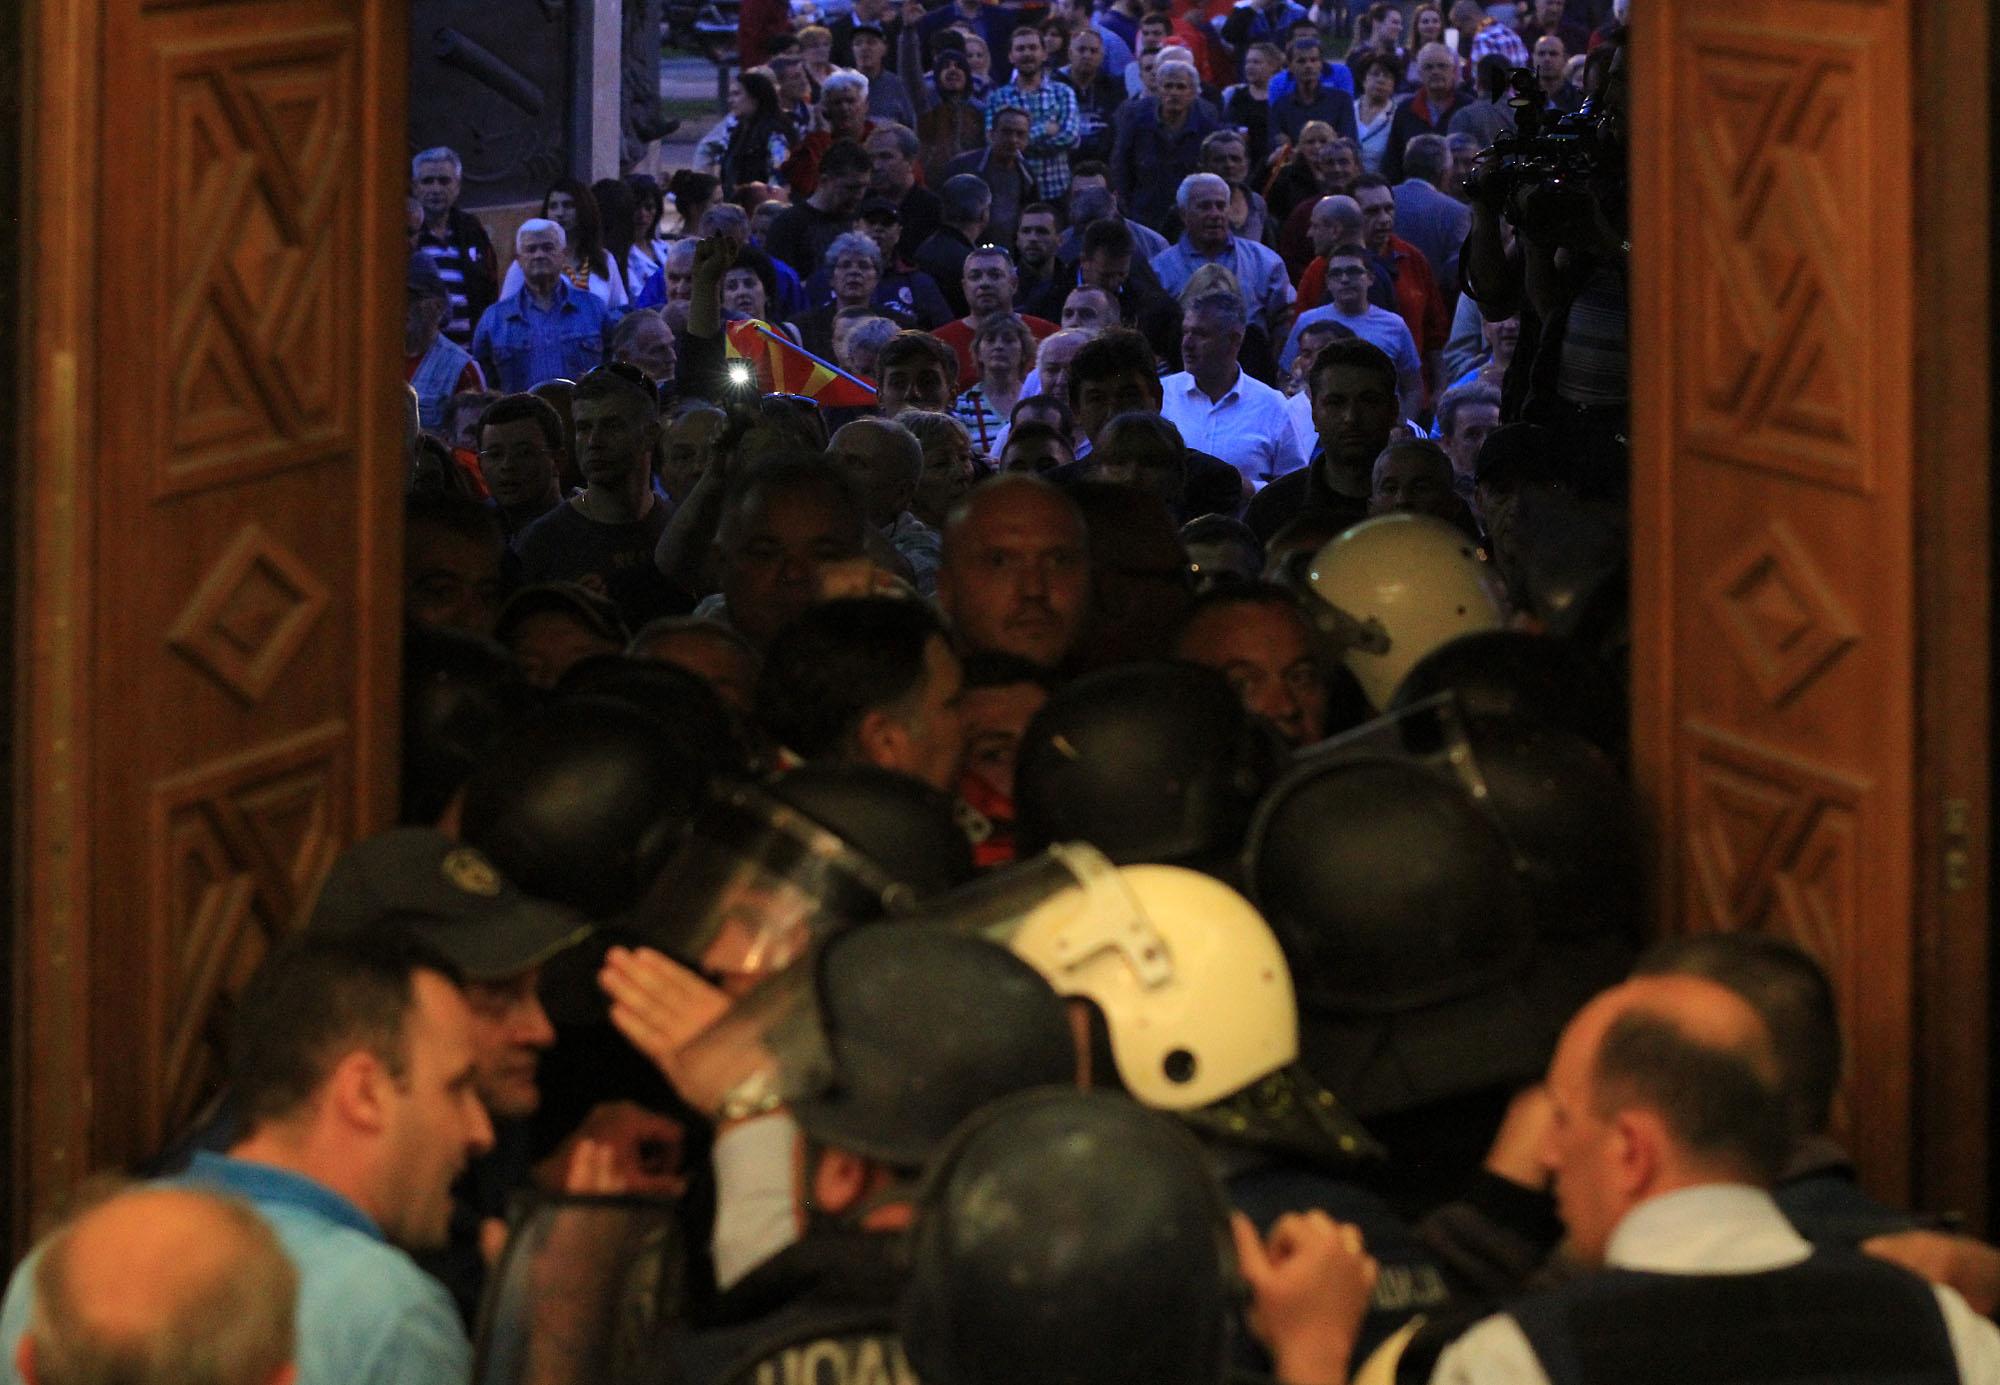 ТЕНЗИЧНО ДЕНОНОЌИЕ ВО СОБРАНИЕТО: Насилен упад, претепани пратеници и демолирани простории (ФОТО)